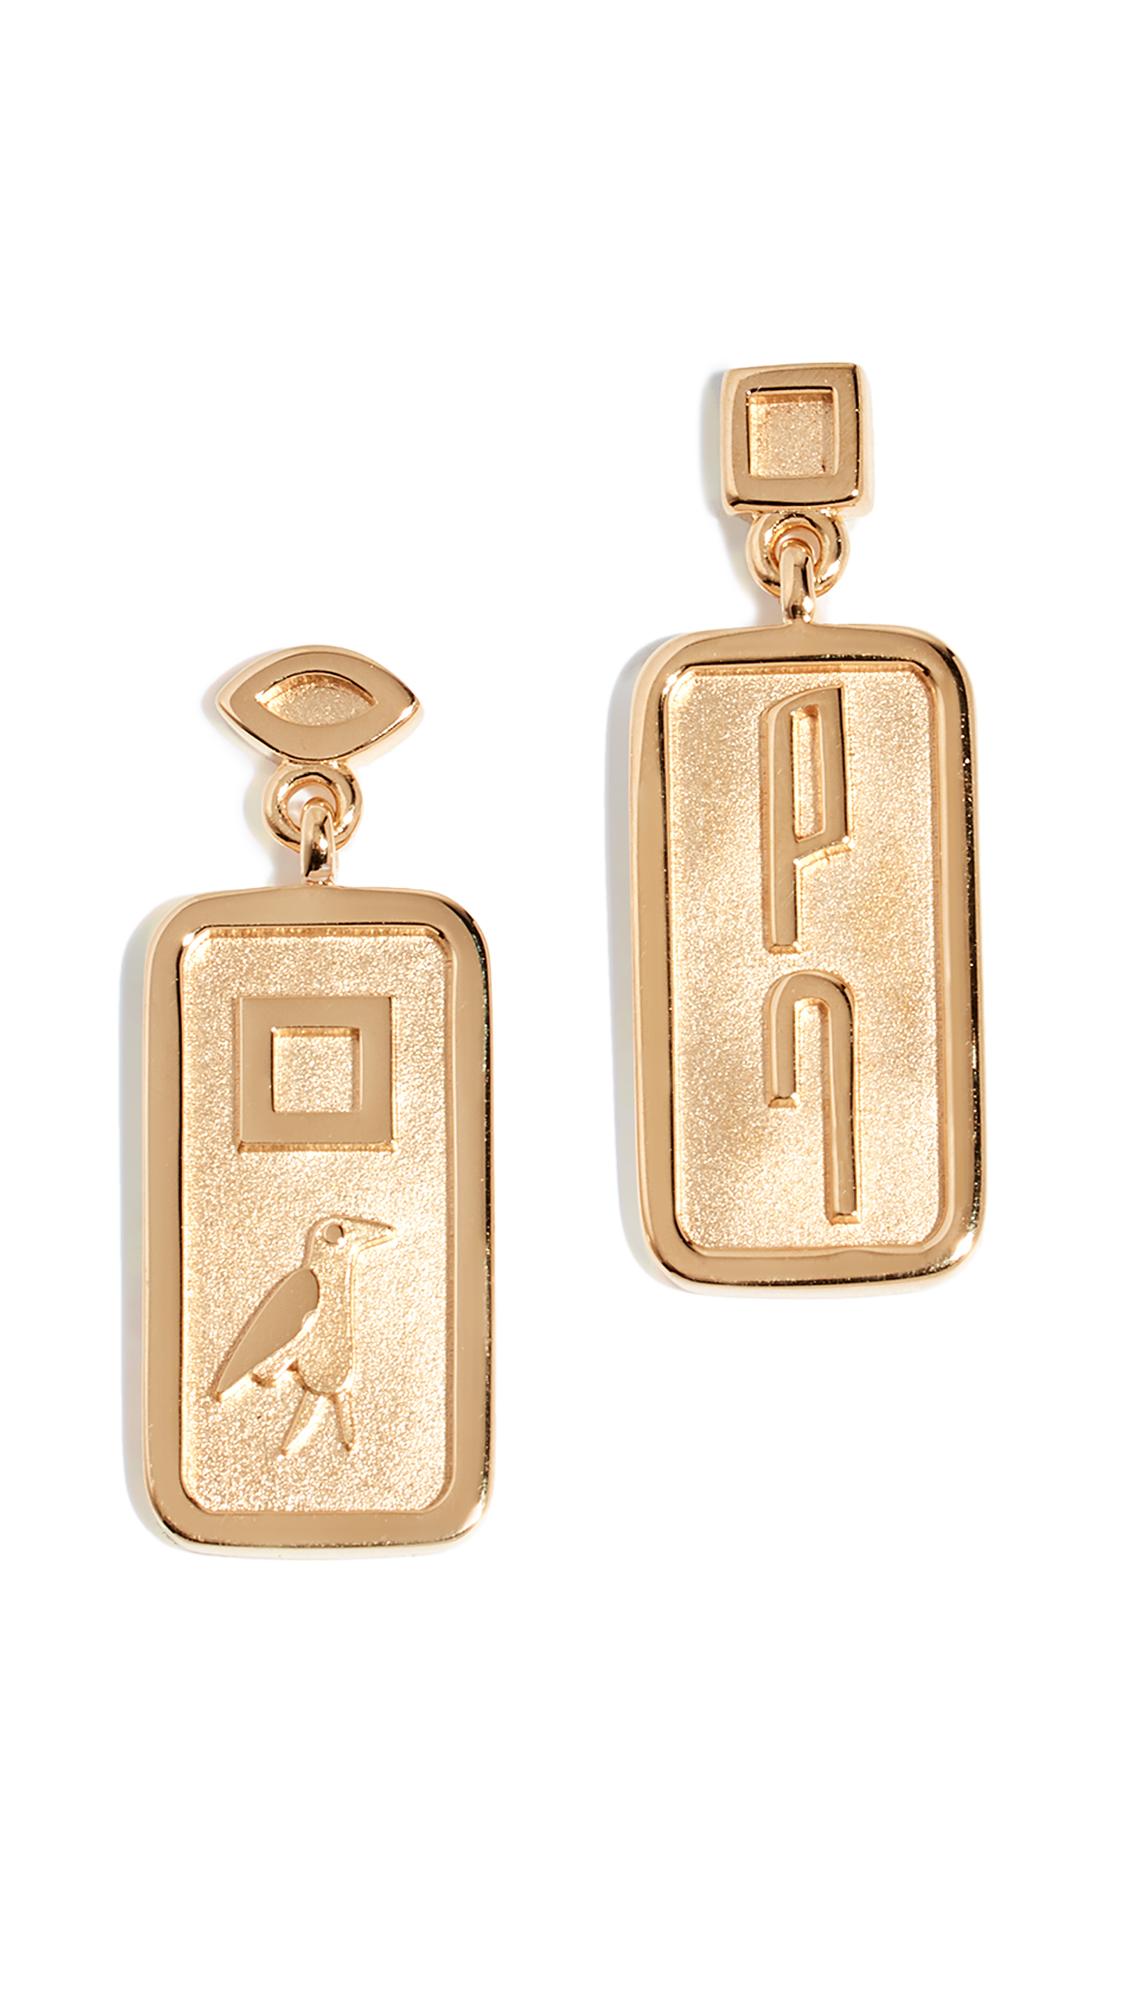 LUCY FOLK Le Memphis Earrings in Yellow Gold